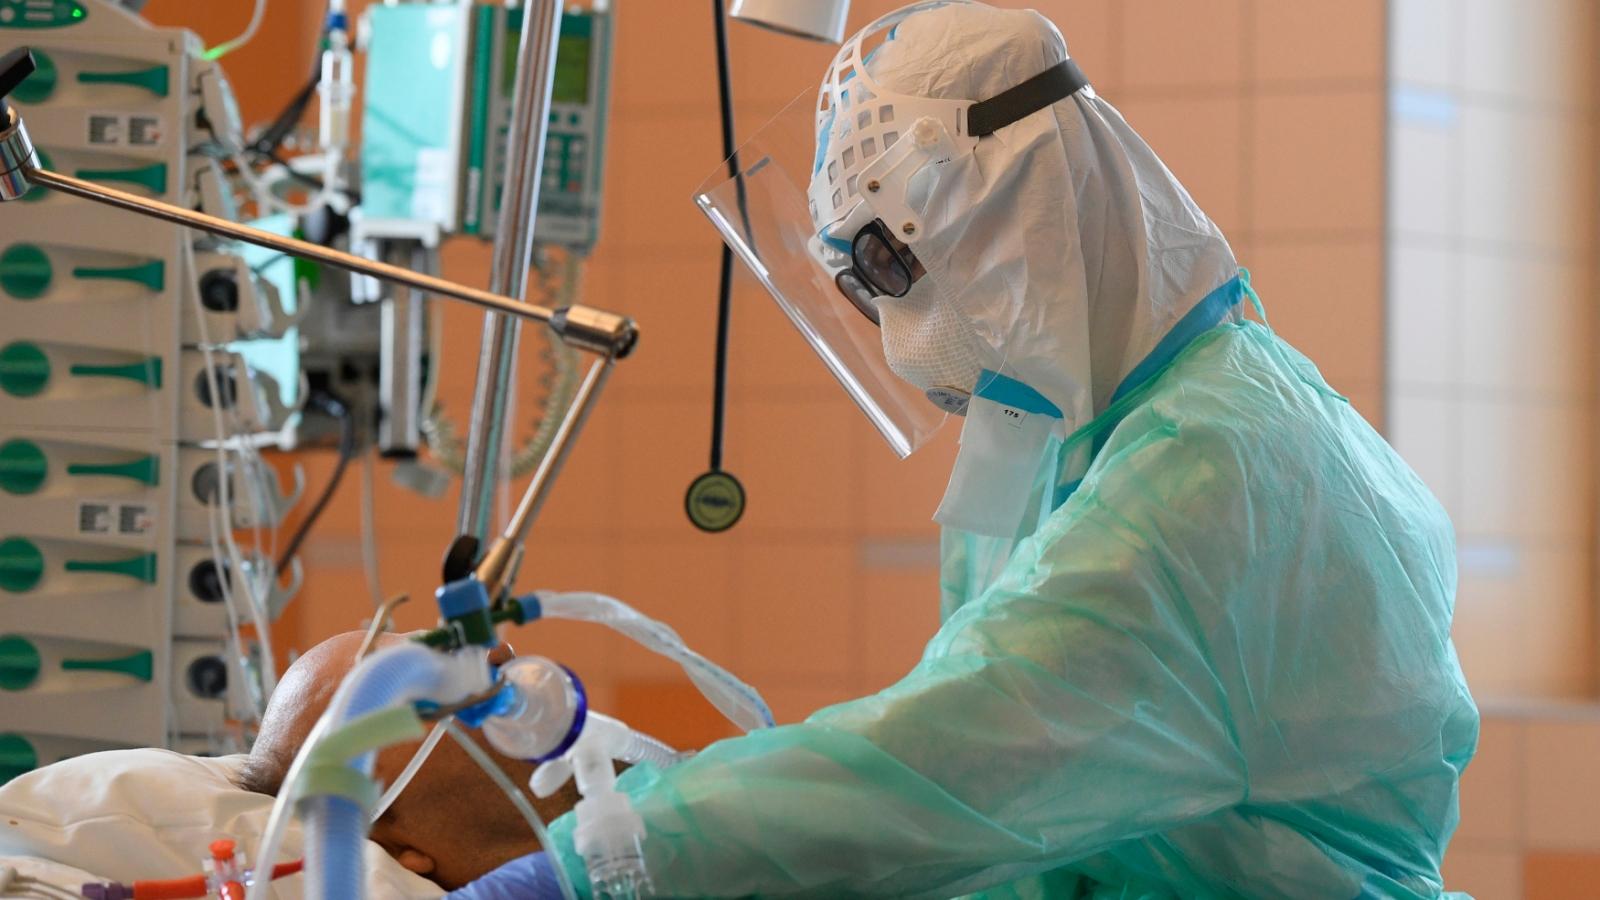 Hệ thống y tế quá tải, Séc đối mặt nguy cơ không kiểm soát được dịch Covid-19